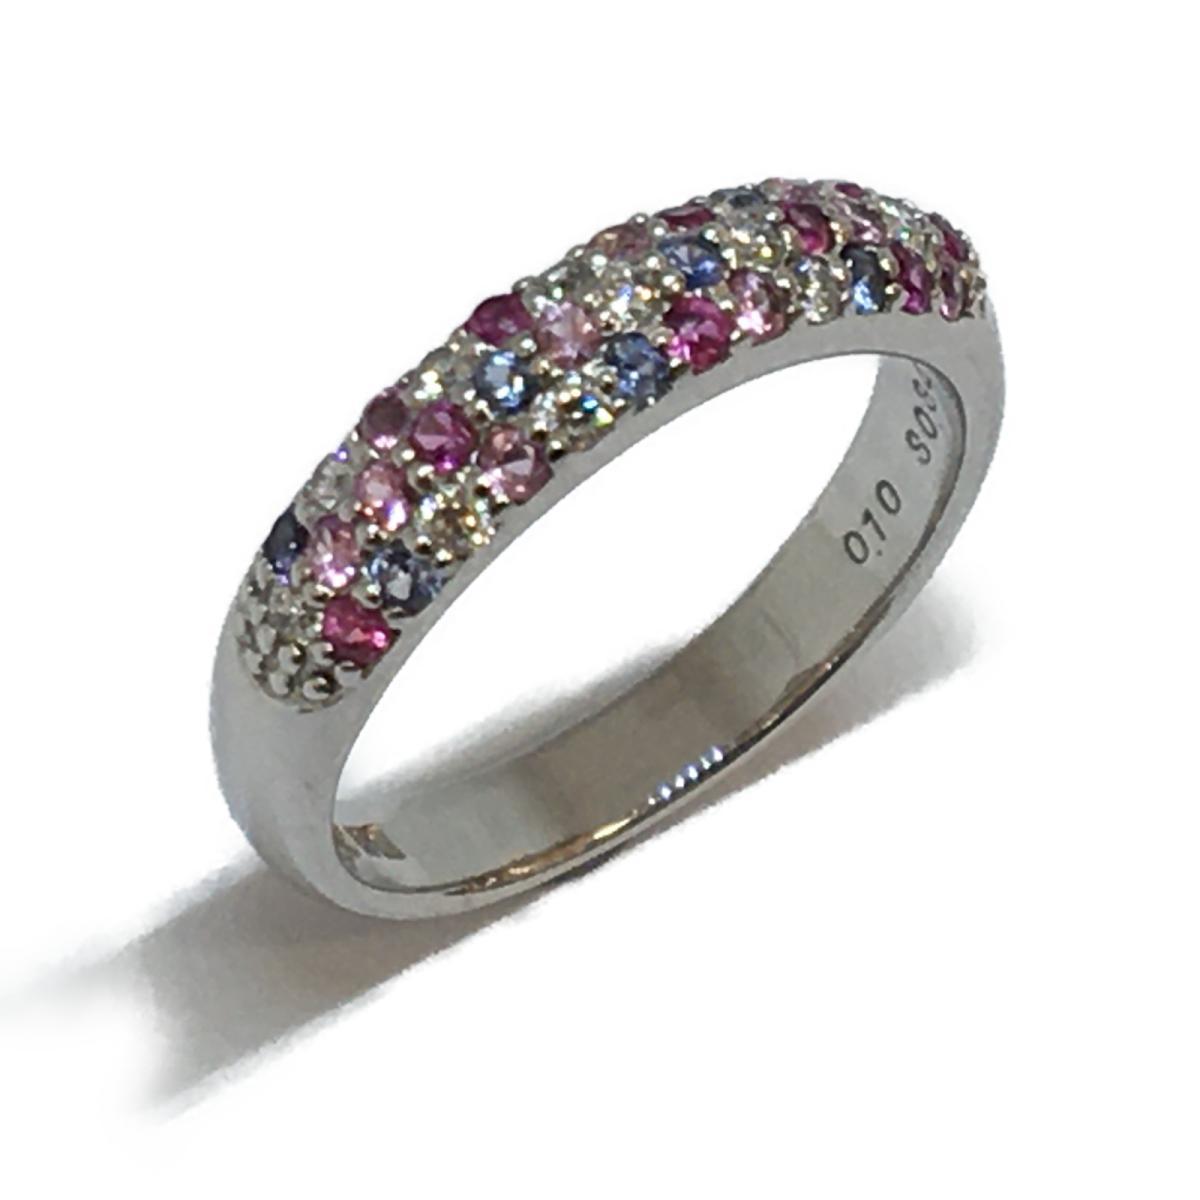 Ponte Vecchio(ポンテヴェキオ)/ダイヤモンド サファイア リング 指輪/リング//K18WG(750)ホワイトゴールド×ダイヤモンド(0.10ct) ×サファイア(0.34ct)/【ランクA】/8号【中古】